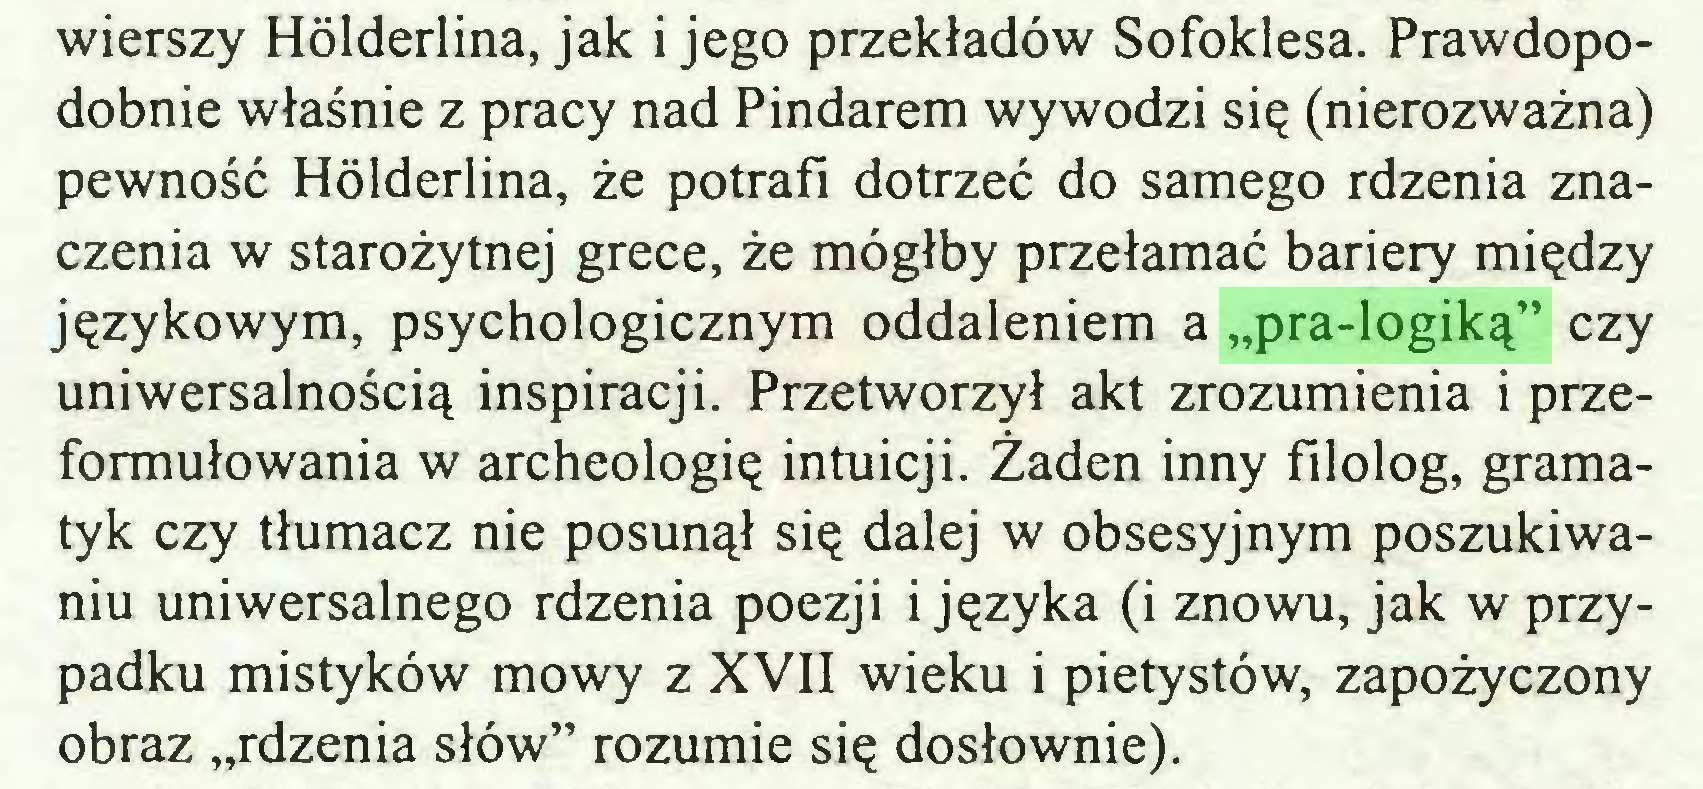 """(...) wierszy Hölderlina, jak i jego przekładów Sofoklesa. Prawdopodobnie właśnie z pracy nad Pindarem wywodzi się (nierozważna) pewność Hölderlina, że potrafi dotrzeć do samego rdzenia znaczenia w starożytnej grece, że mógłby przełamać bariery między językowym, psychologicznym oddaleniem a """"pra-logiką"""" czy uniwersalnością inspiracji. Przetworzył akt zrozumienia i przeformułowania w archeologię intuicji. Żaden inny filolog, gramatyk czy tłumacz nie posunął się dalej w obsesyjnym poszukiwaniu uniwersalnego rdzenia poezji i języka (i znowu, jak w przypadku mistyków mowy z XVII wieku i pietystów, zapożyczony obraz """"rdzenia słów"""" rozumie się dosłownie)..."""